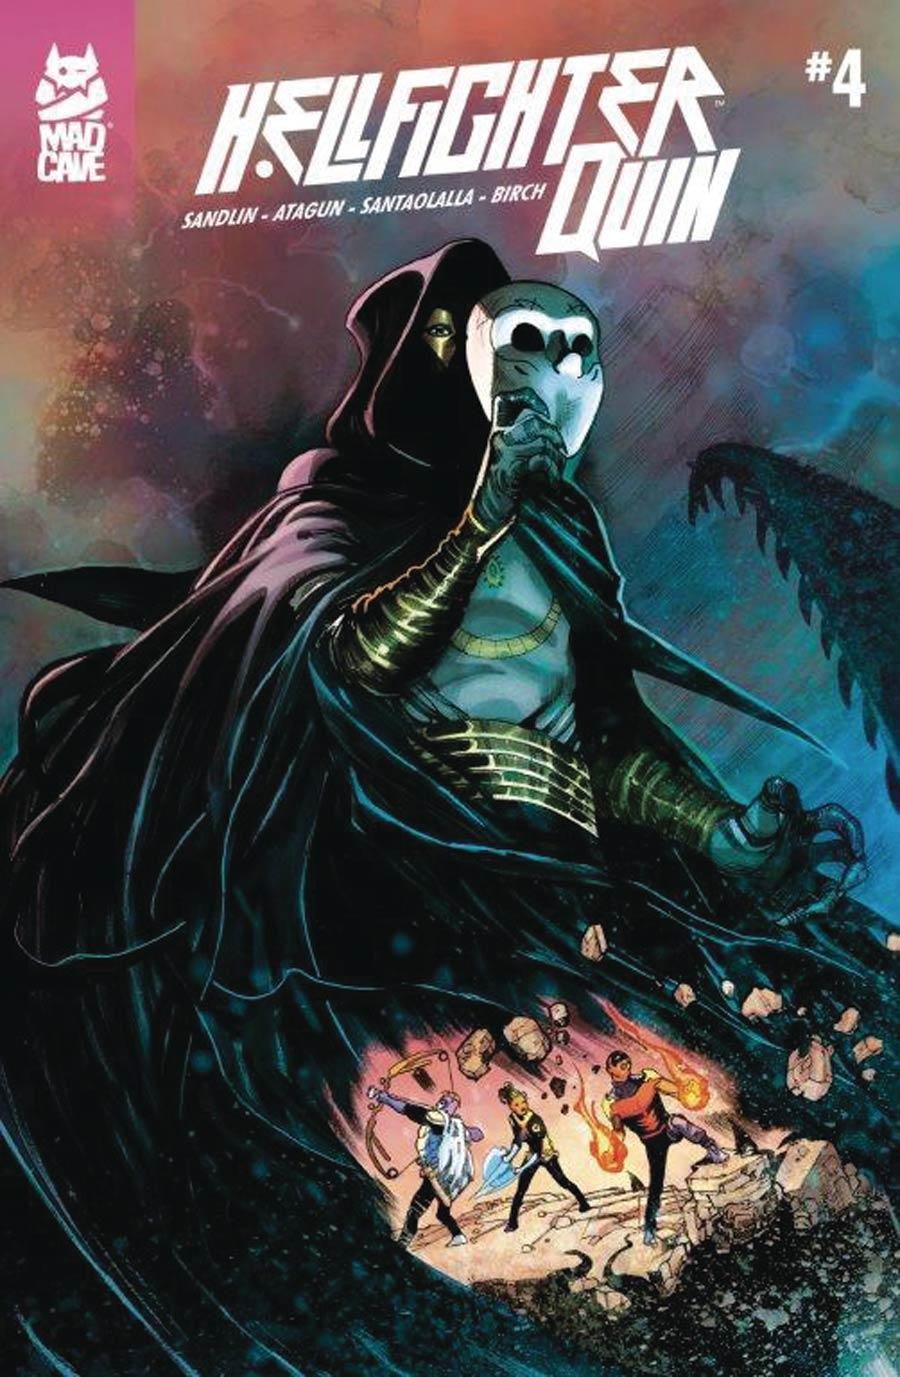 Hellfighter Quin #4 (2020)